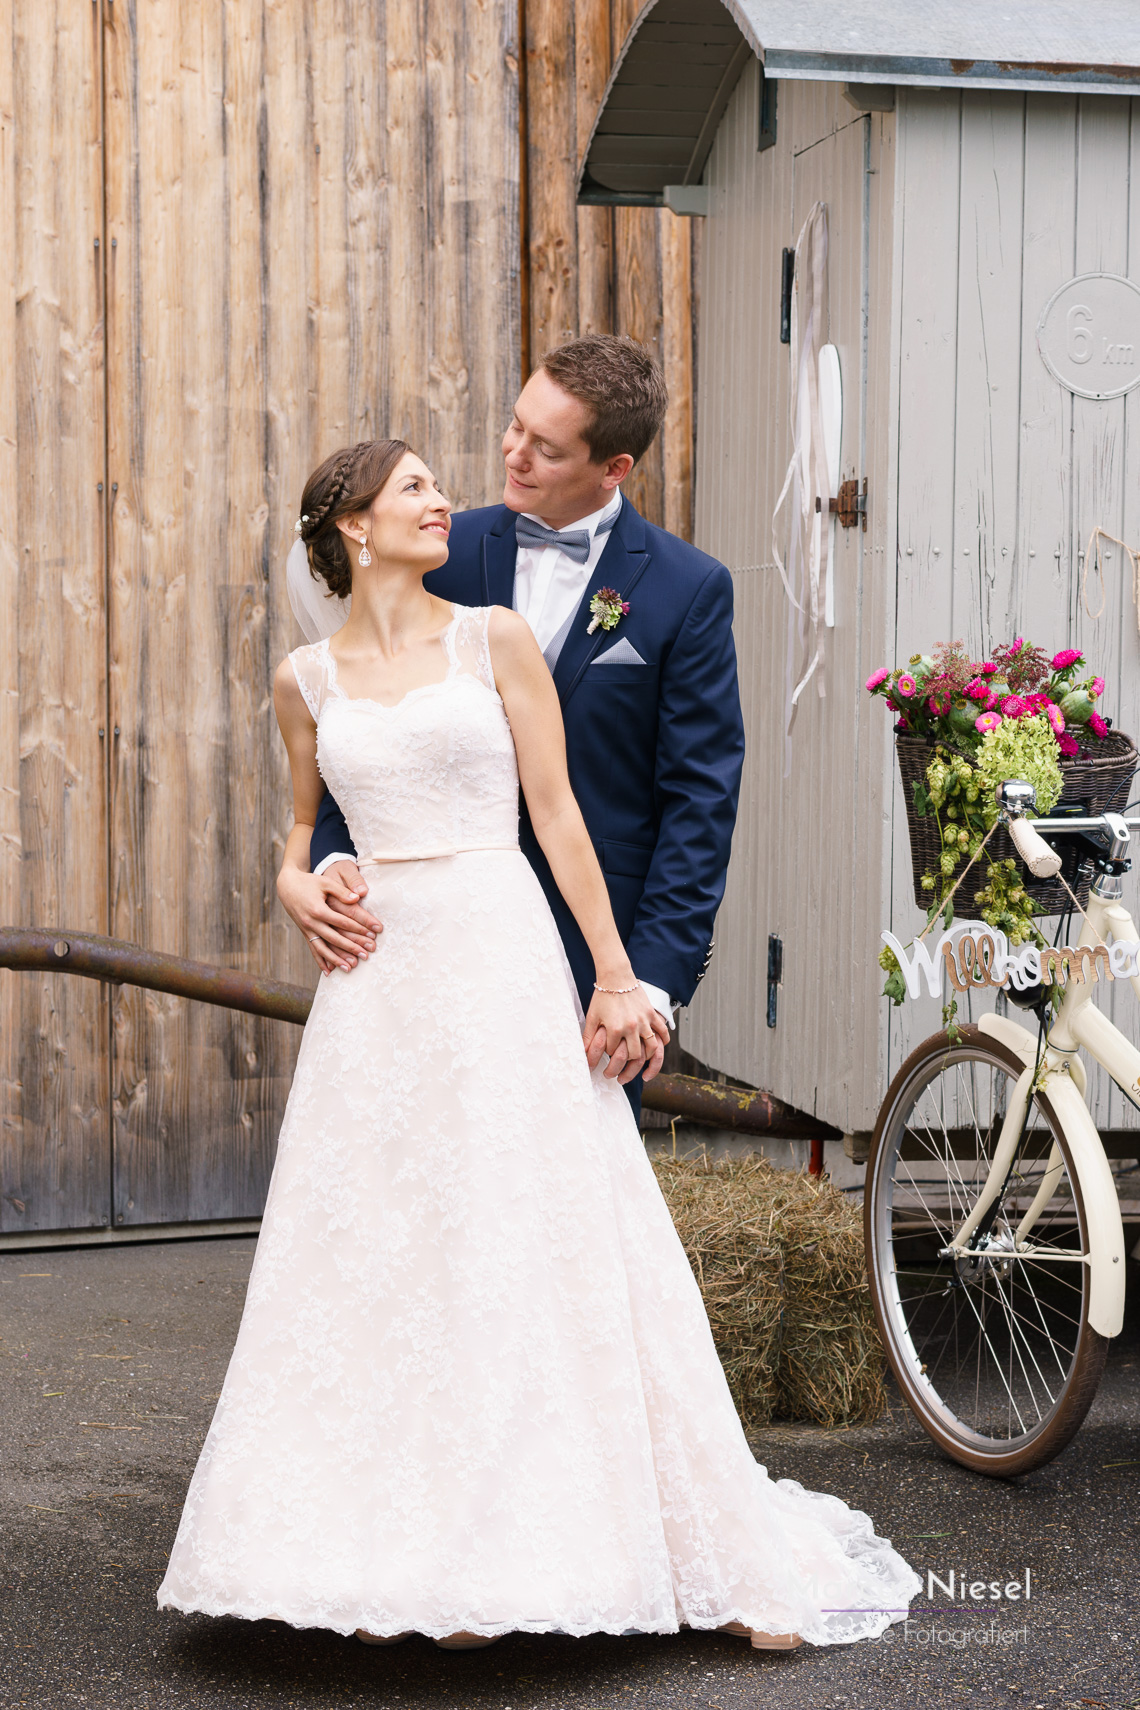 Das Hochzeitspaar vor ihren eigens renovierten Wagen. Hochzeitsfotograf Marcus Niesel in Ettenheim